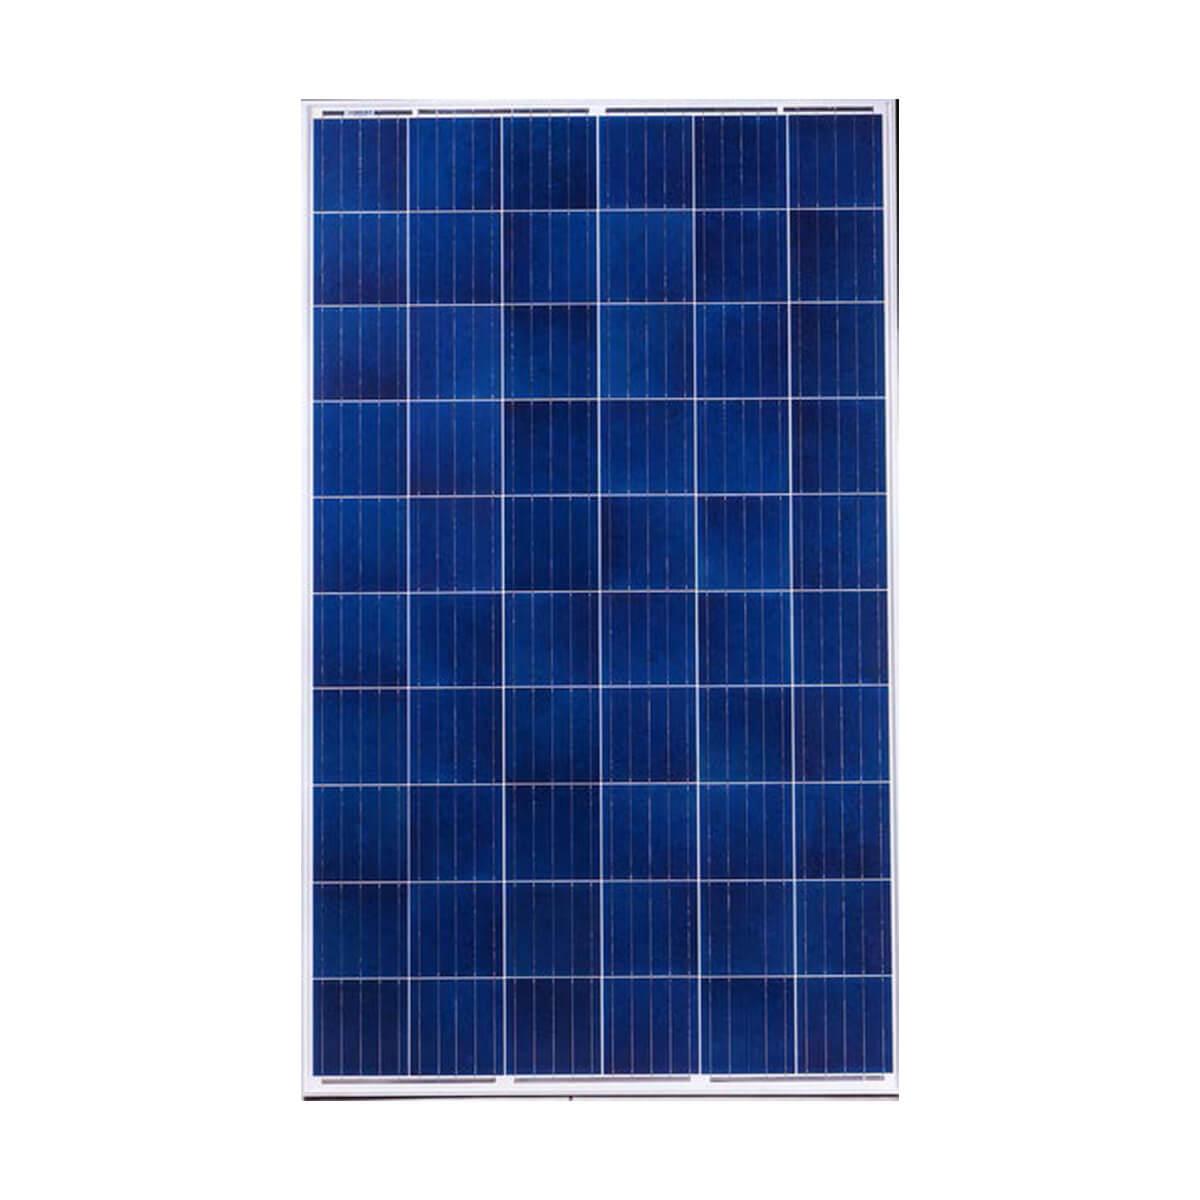 gazioglu solar enerji 265W panel, gazioglu solar enerji 265Watt panel, gazioglu solar enerji 265 W panel, gazioglu solar enerji 265 Watt panel, gazioglu solar enerji 265 Watt polikristal panel, gazioglu solar enerji 265 W watt gunes paneli, gazioglu solar enerji 265 W watt polikristal gunes paneli, gazioglu solar enerji 265 W Watt fotovoltaik polikristal solar panel, gazioglu solar enerji 265W polikristal gunes enerjisi, gazioglu solar enerji GSE-265W panel, Gazioğlu Solar 265 WATT